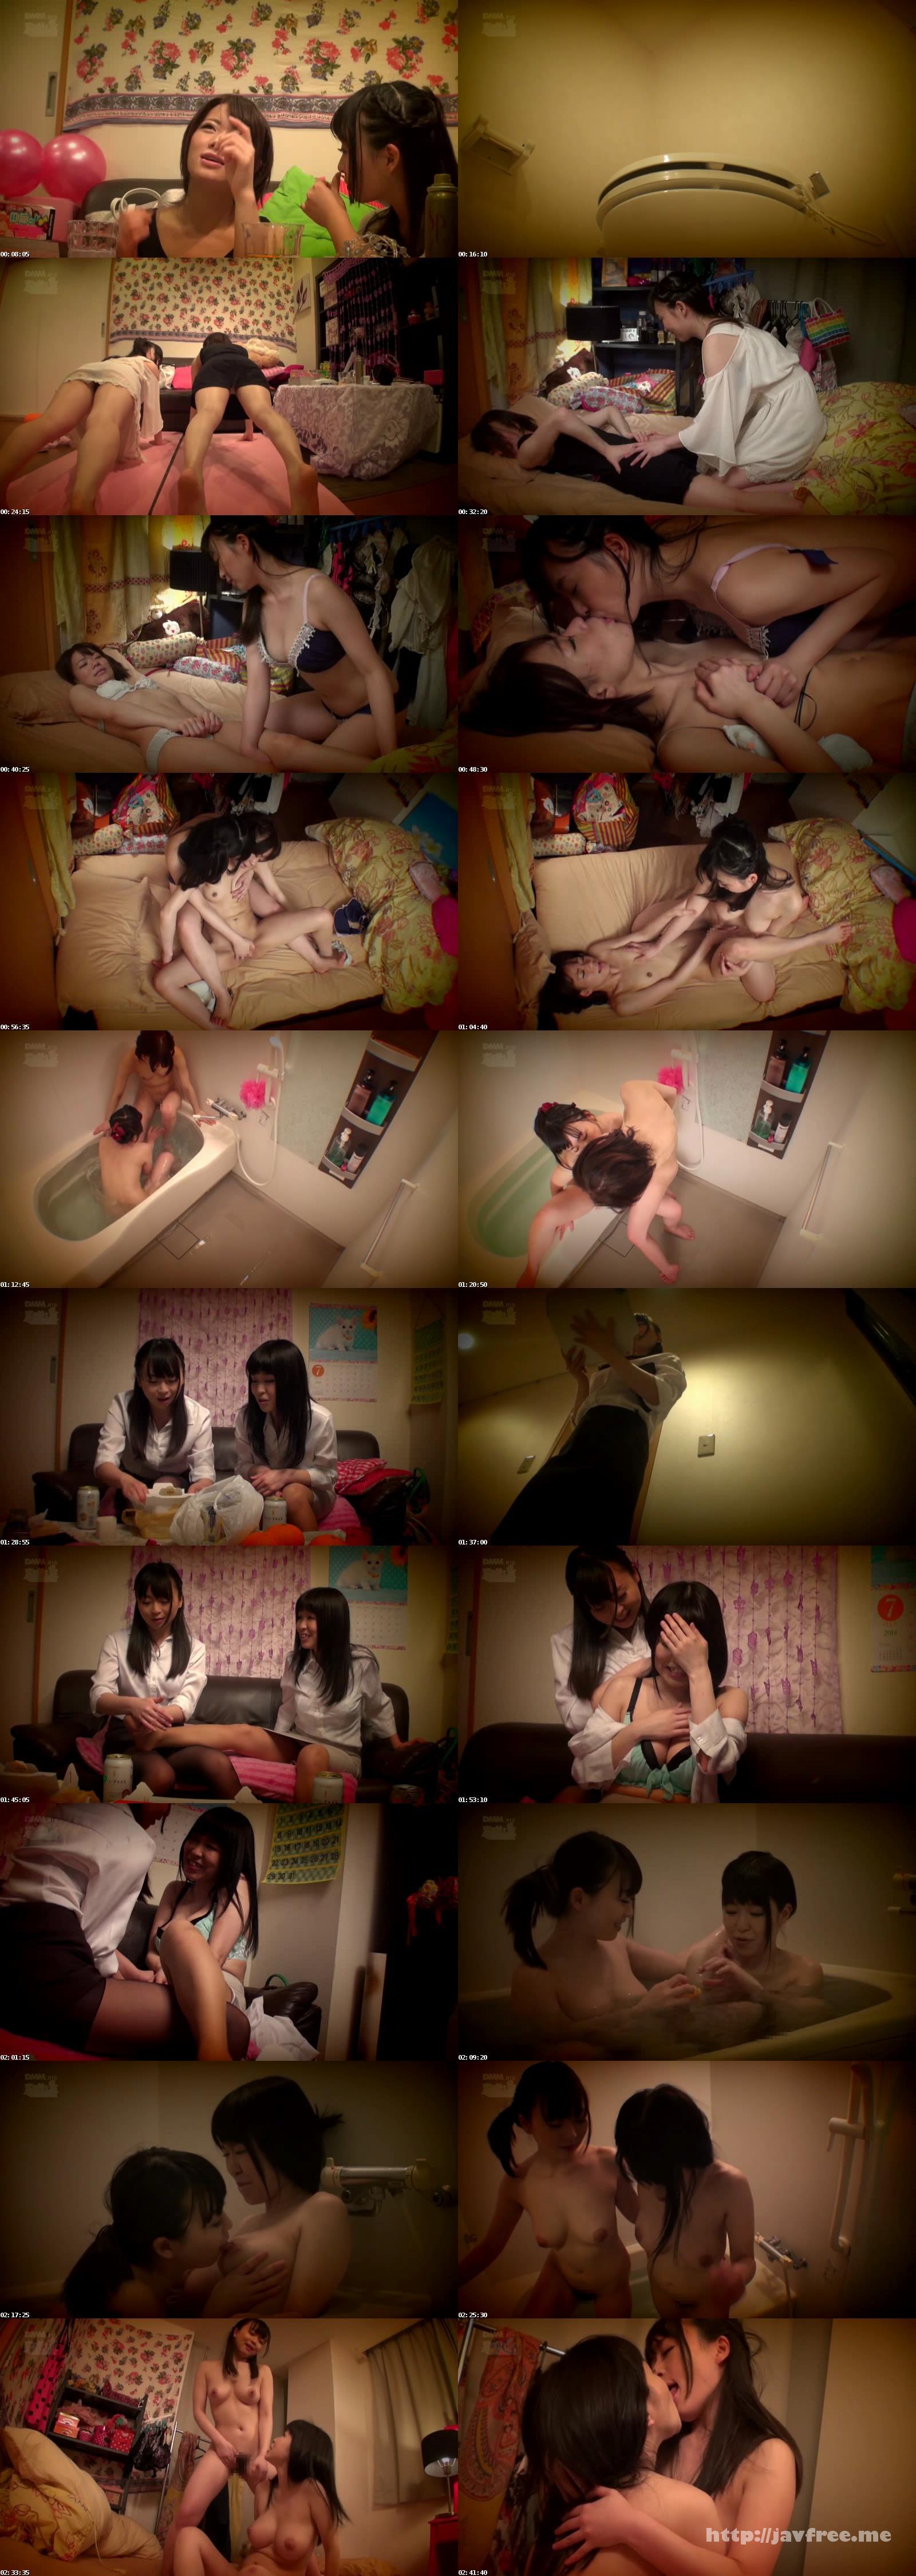 [CLUB 150] 可愛い女の子しか興味の無い私(♀)が、ノンケな女友達を部屋に持ち帰り強引にレズって隠し撮り2 CLUB